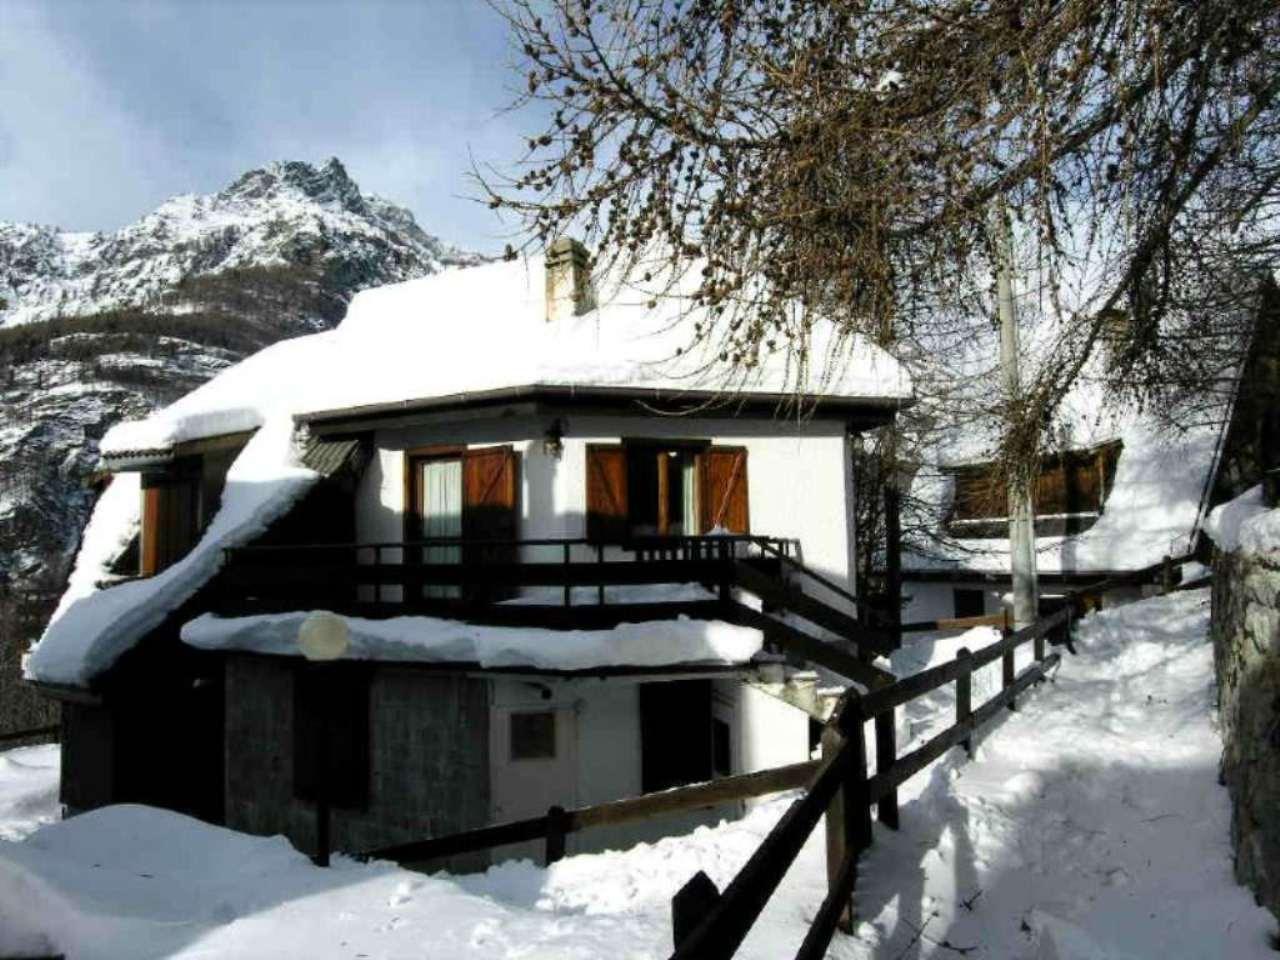 Bilocale Valtournenche Via Località Bringaz 1